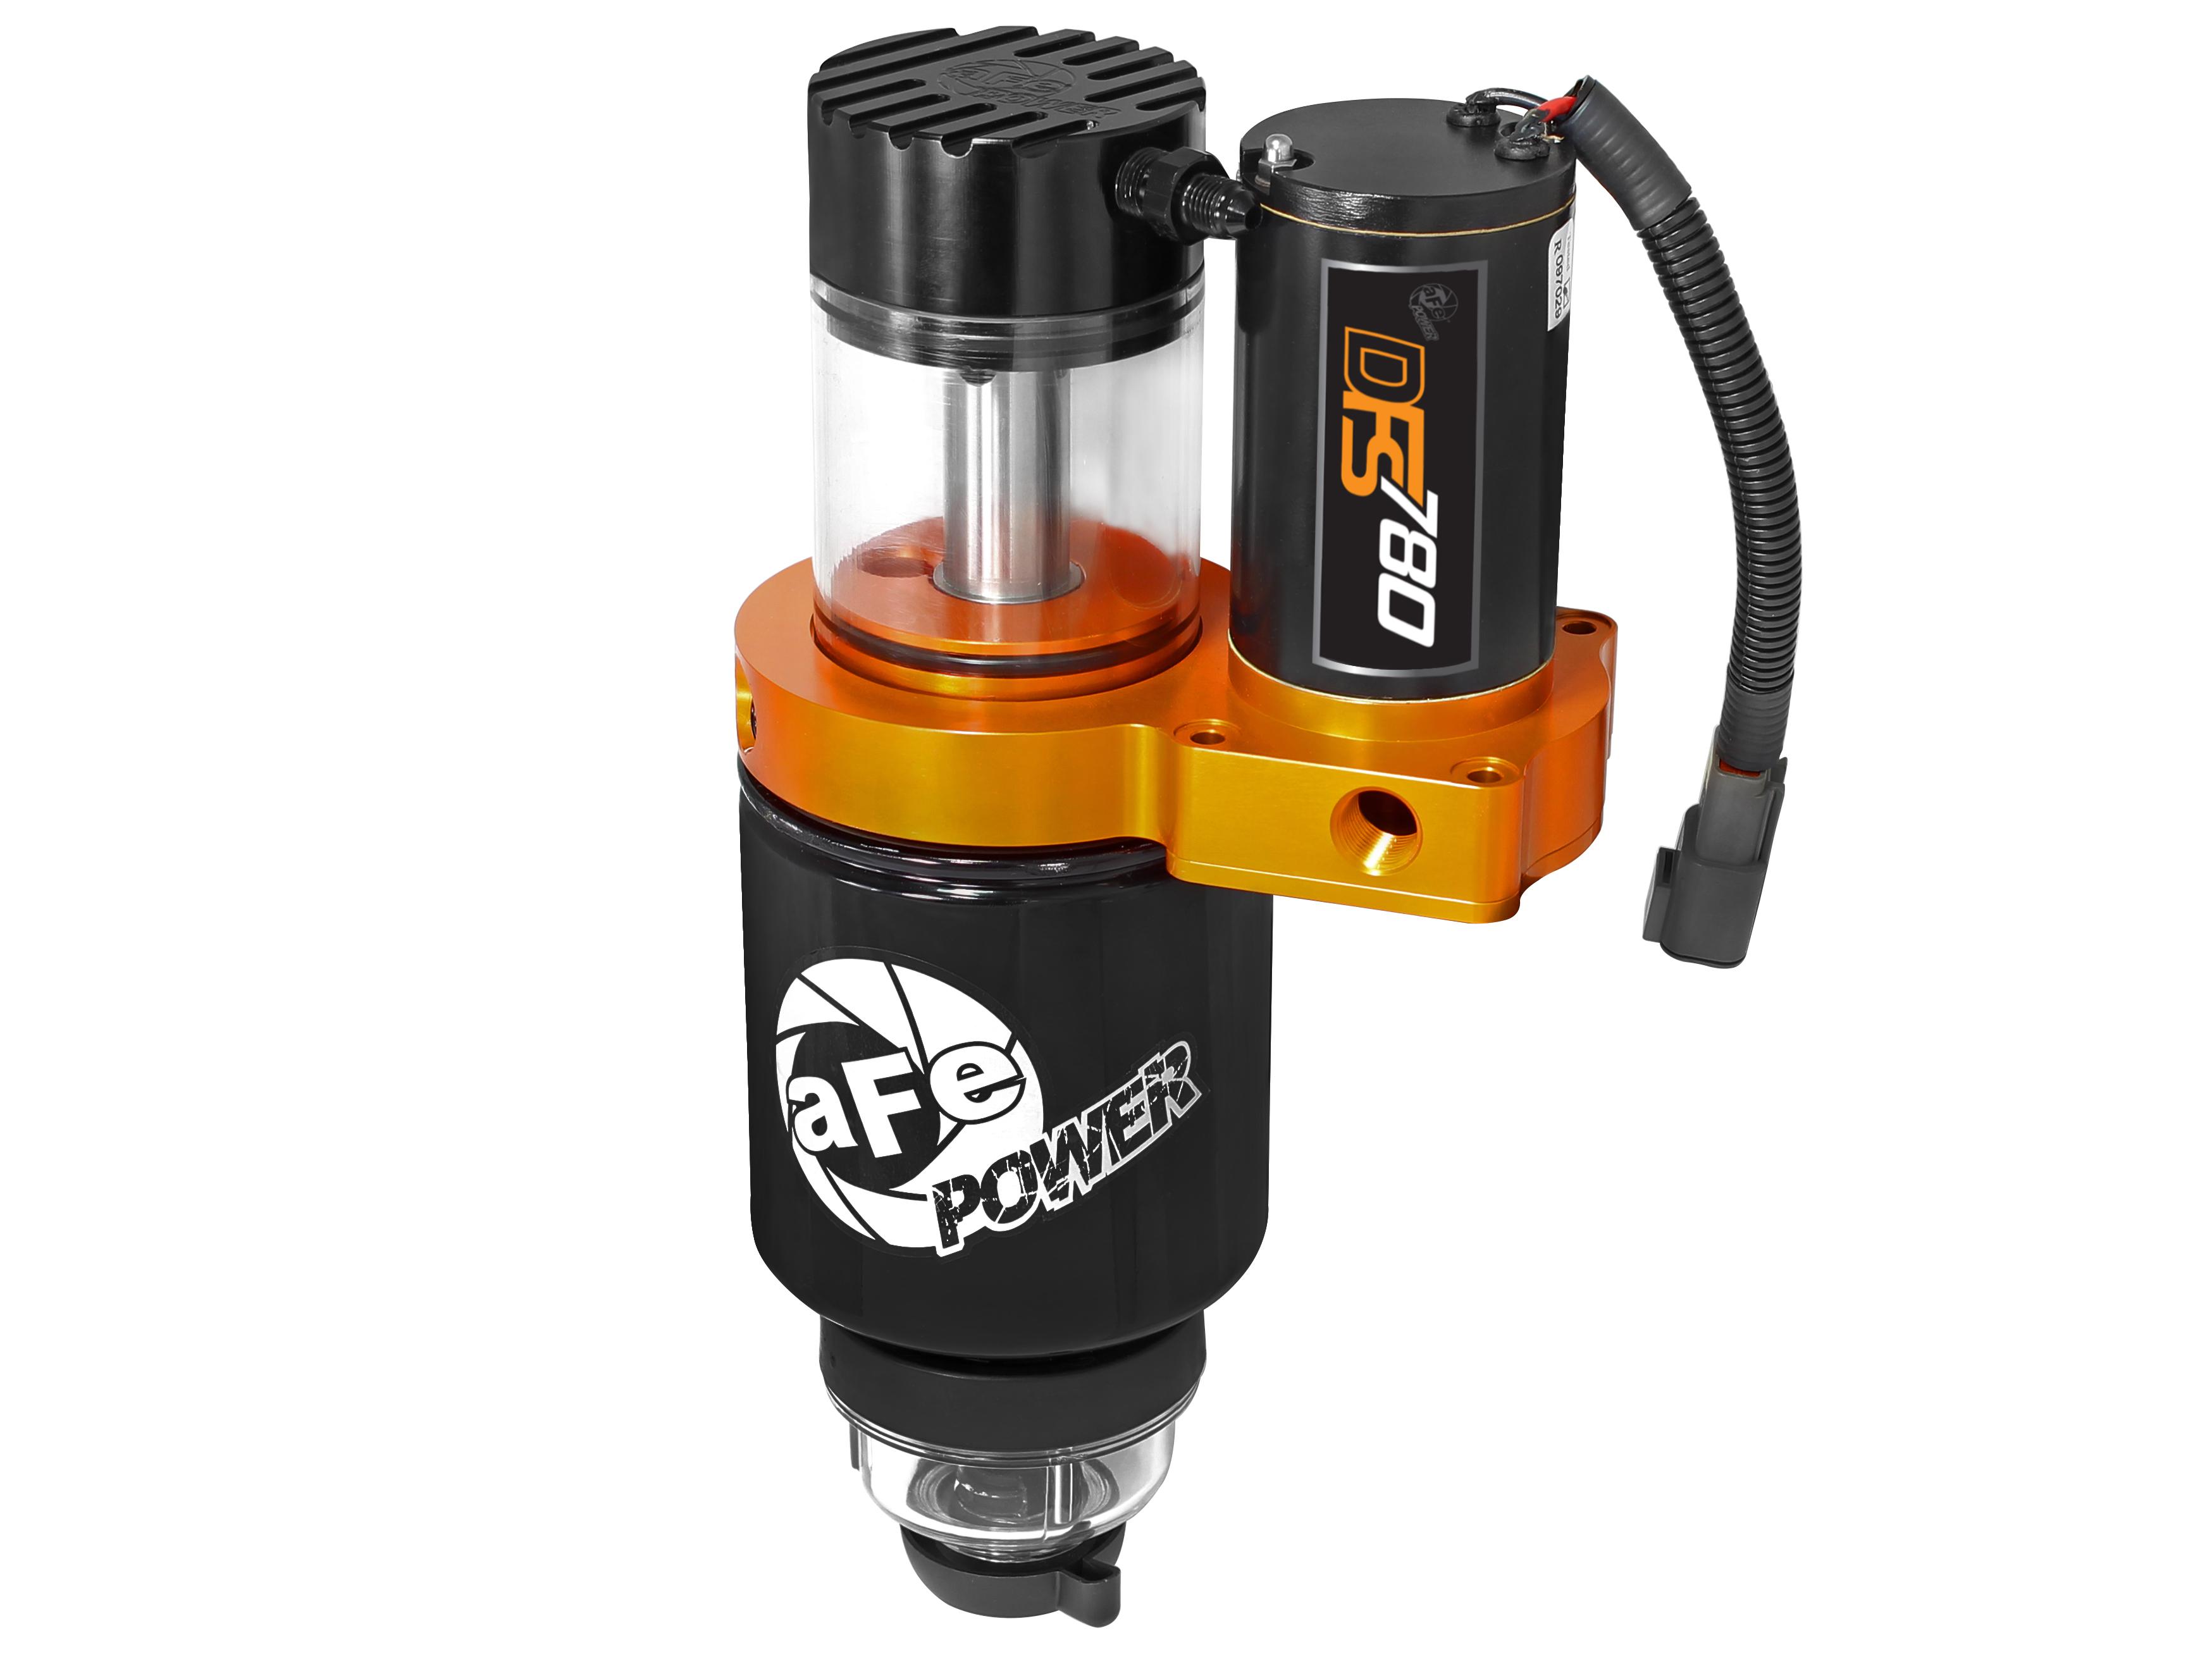 diesel-fuel-system-dfs